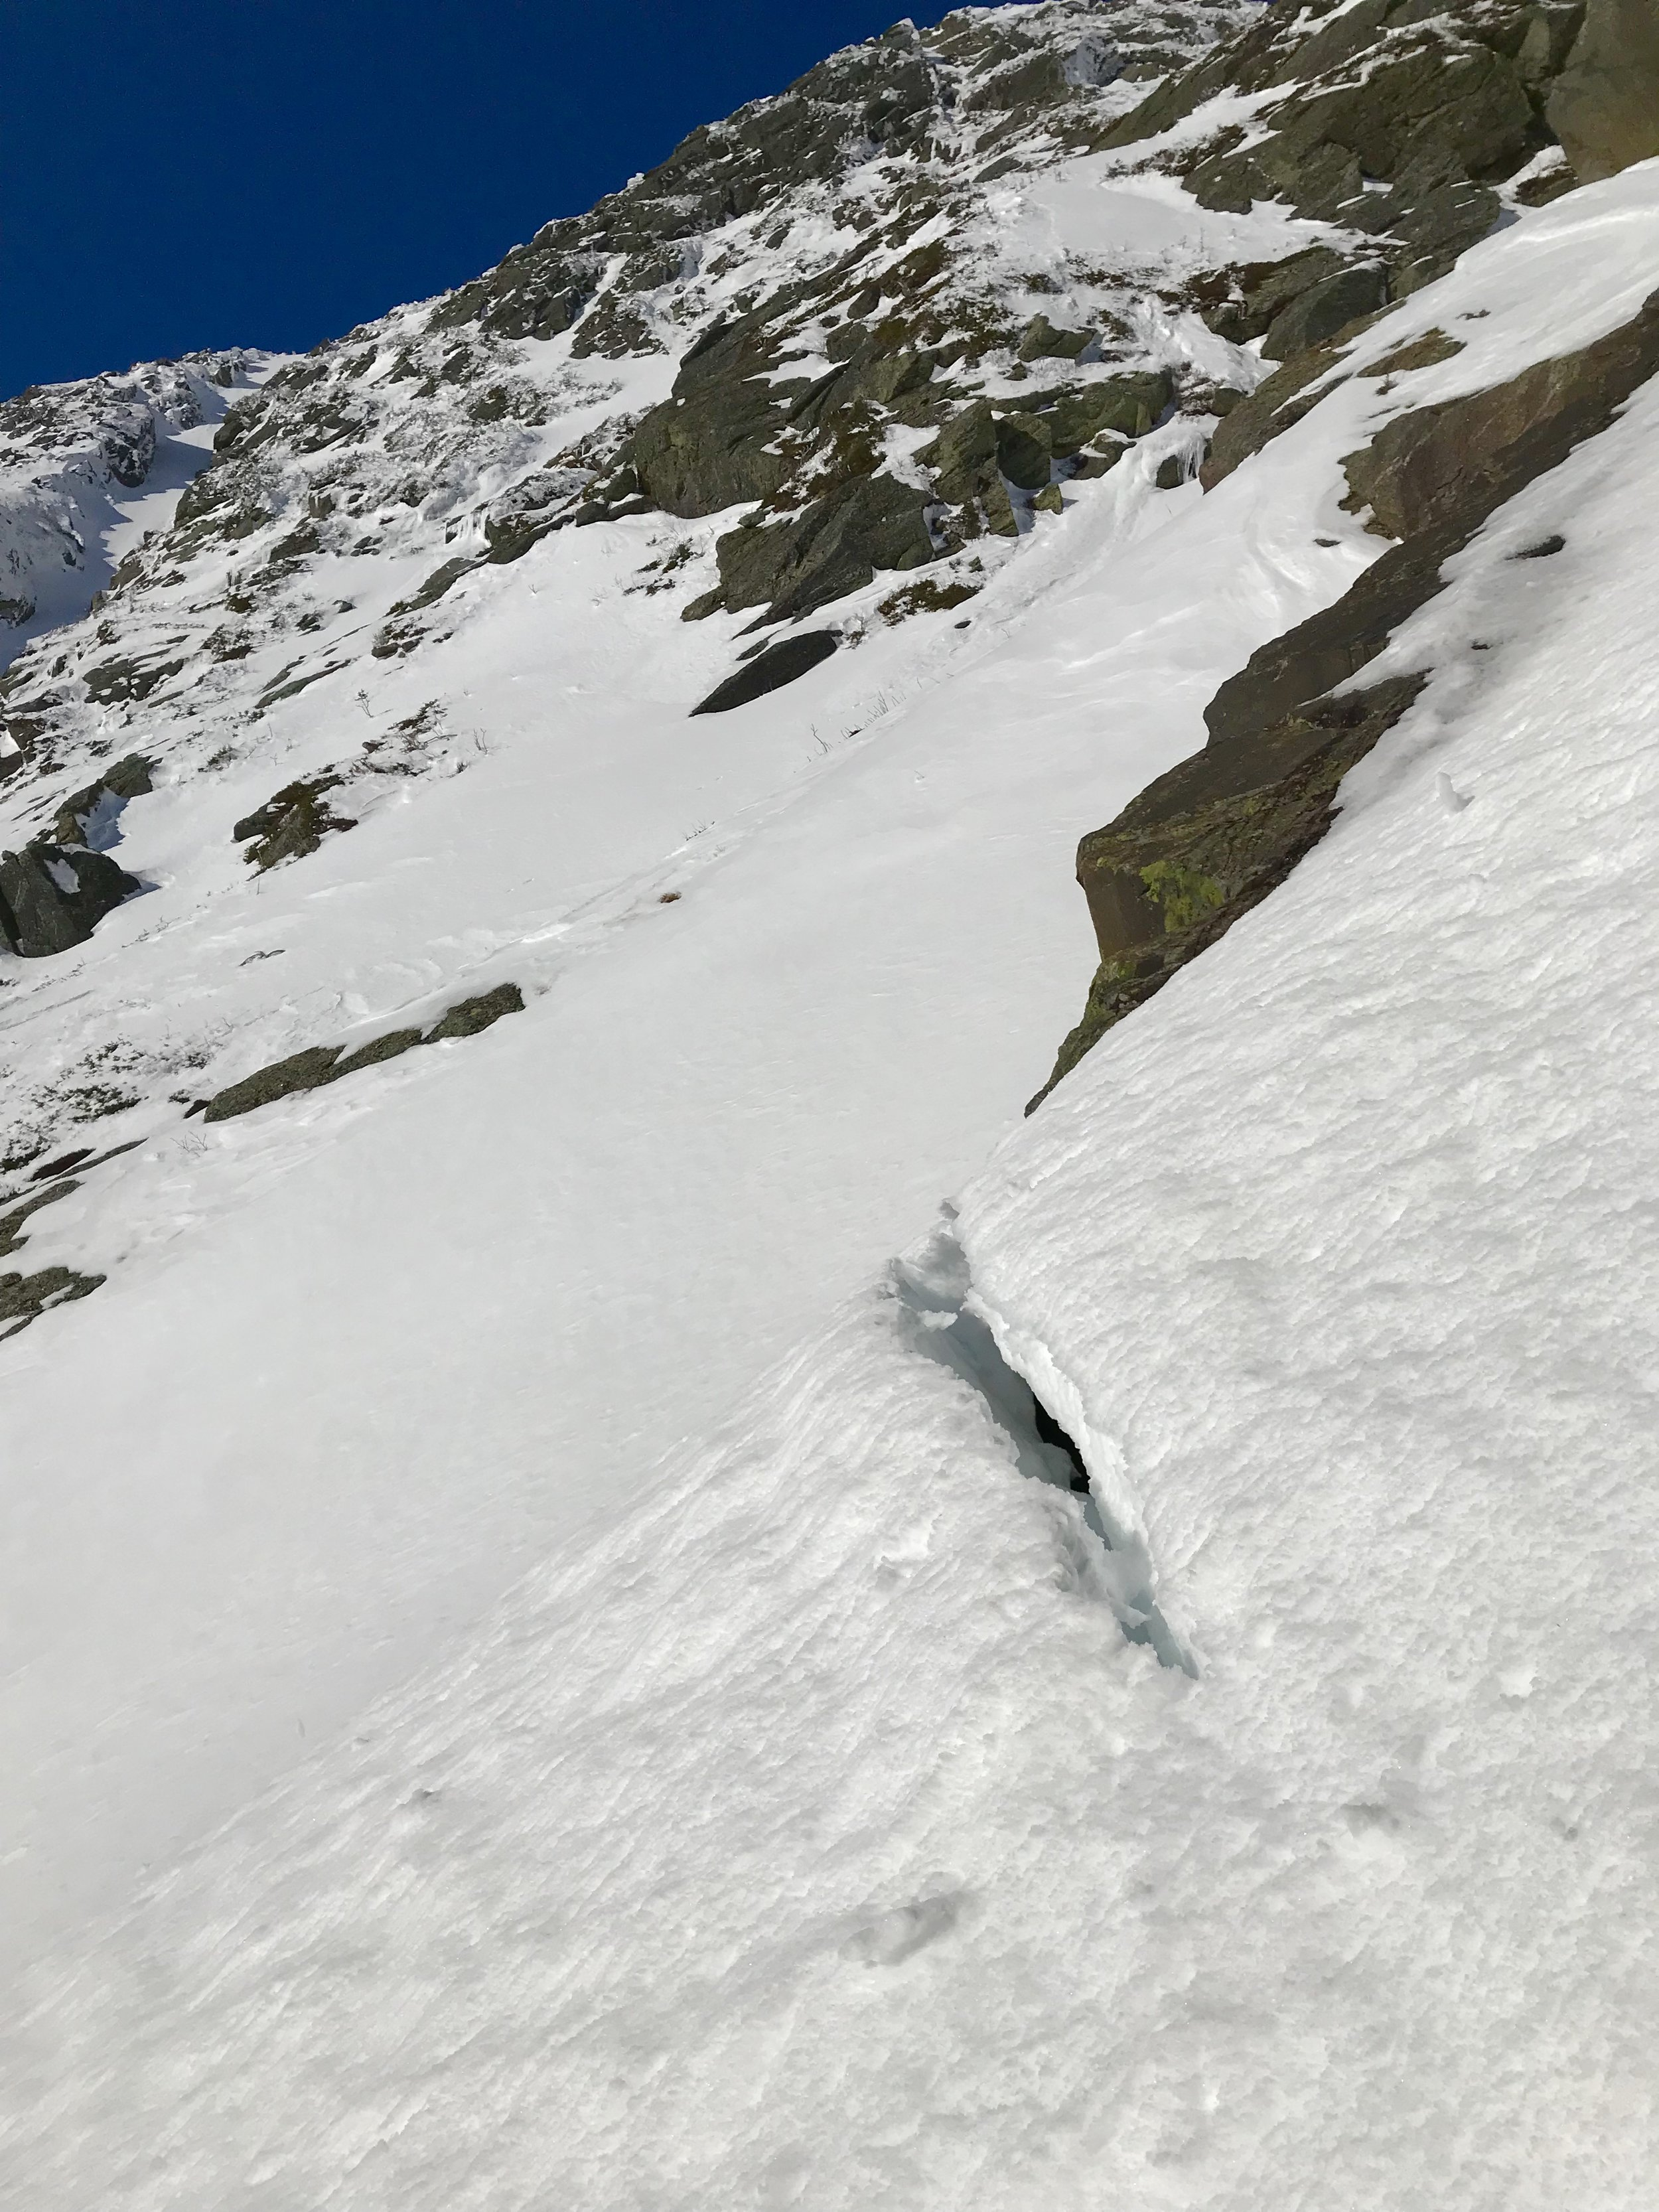 Glide Cracks in Huntington Ravine